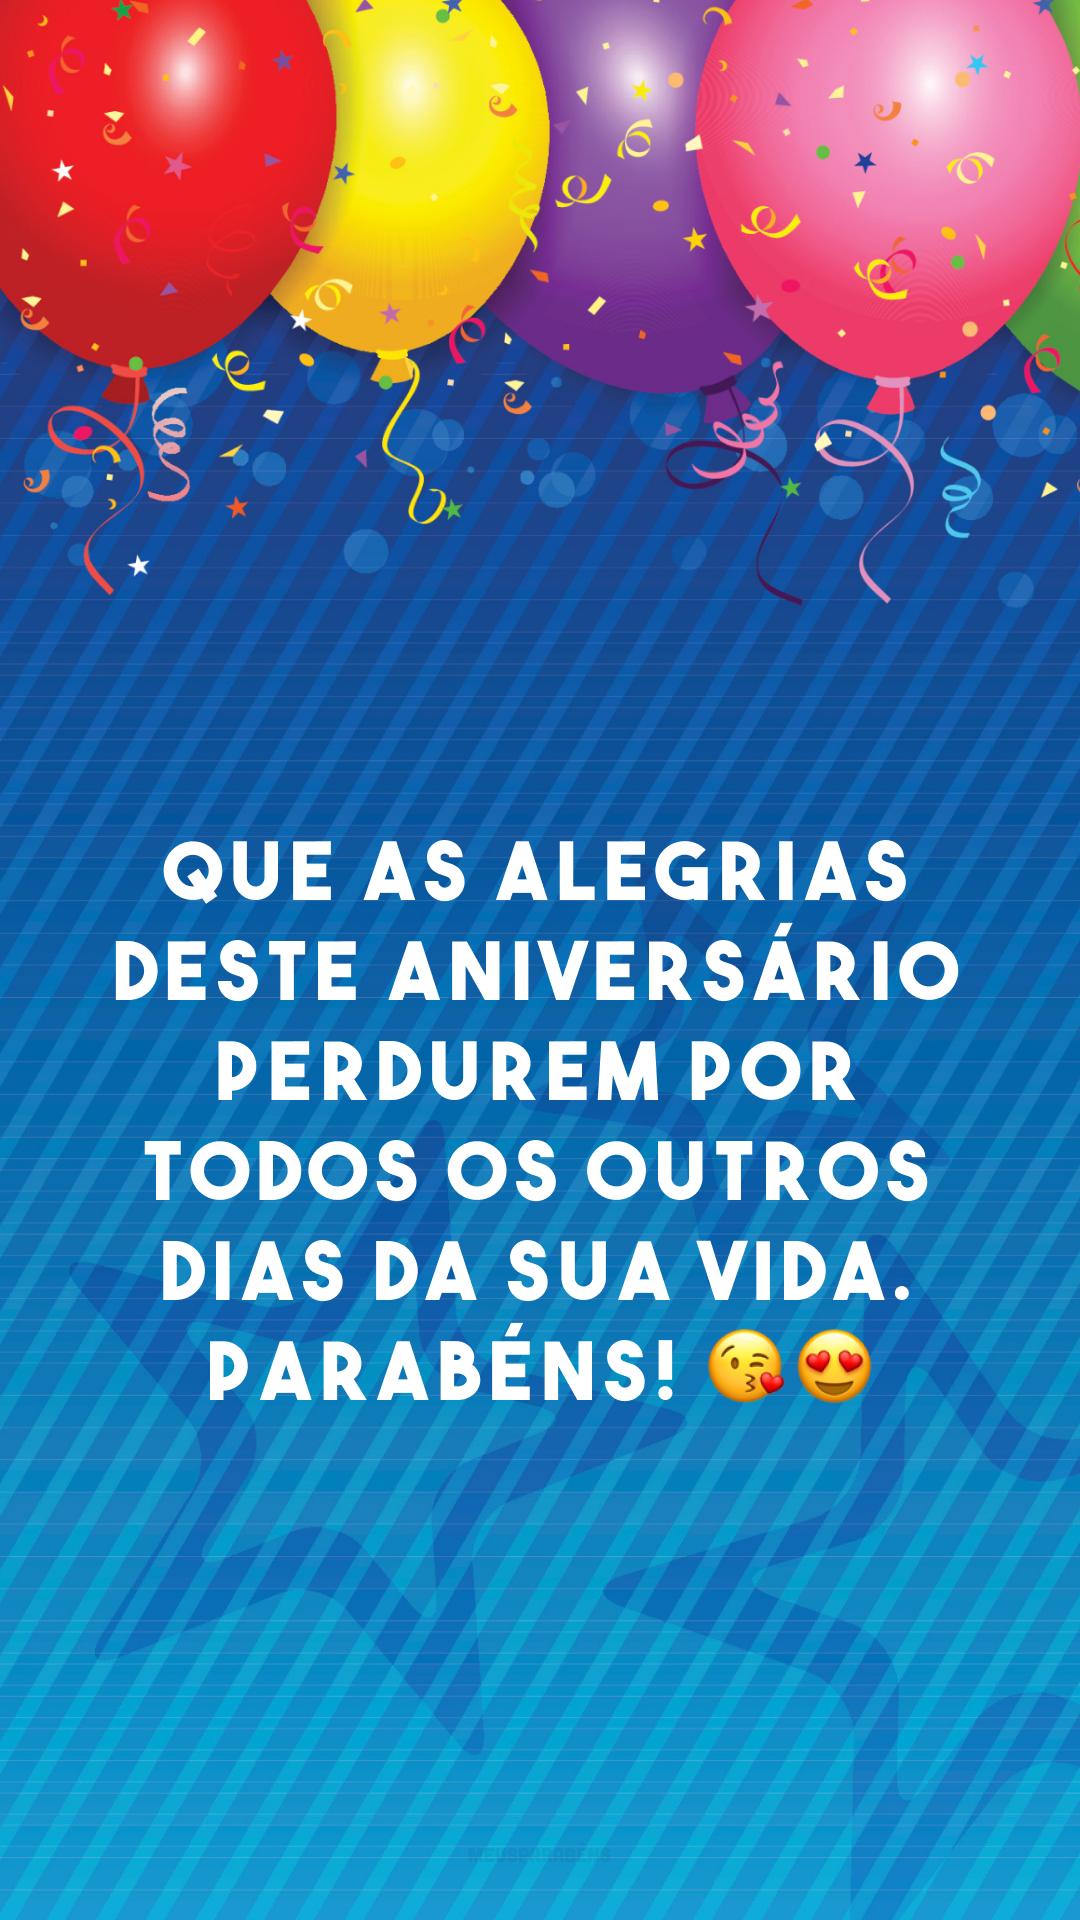 Que as alegrias deste aniversário perdurem por todos os outros dias da sua vida. Parabéns! 😘😍